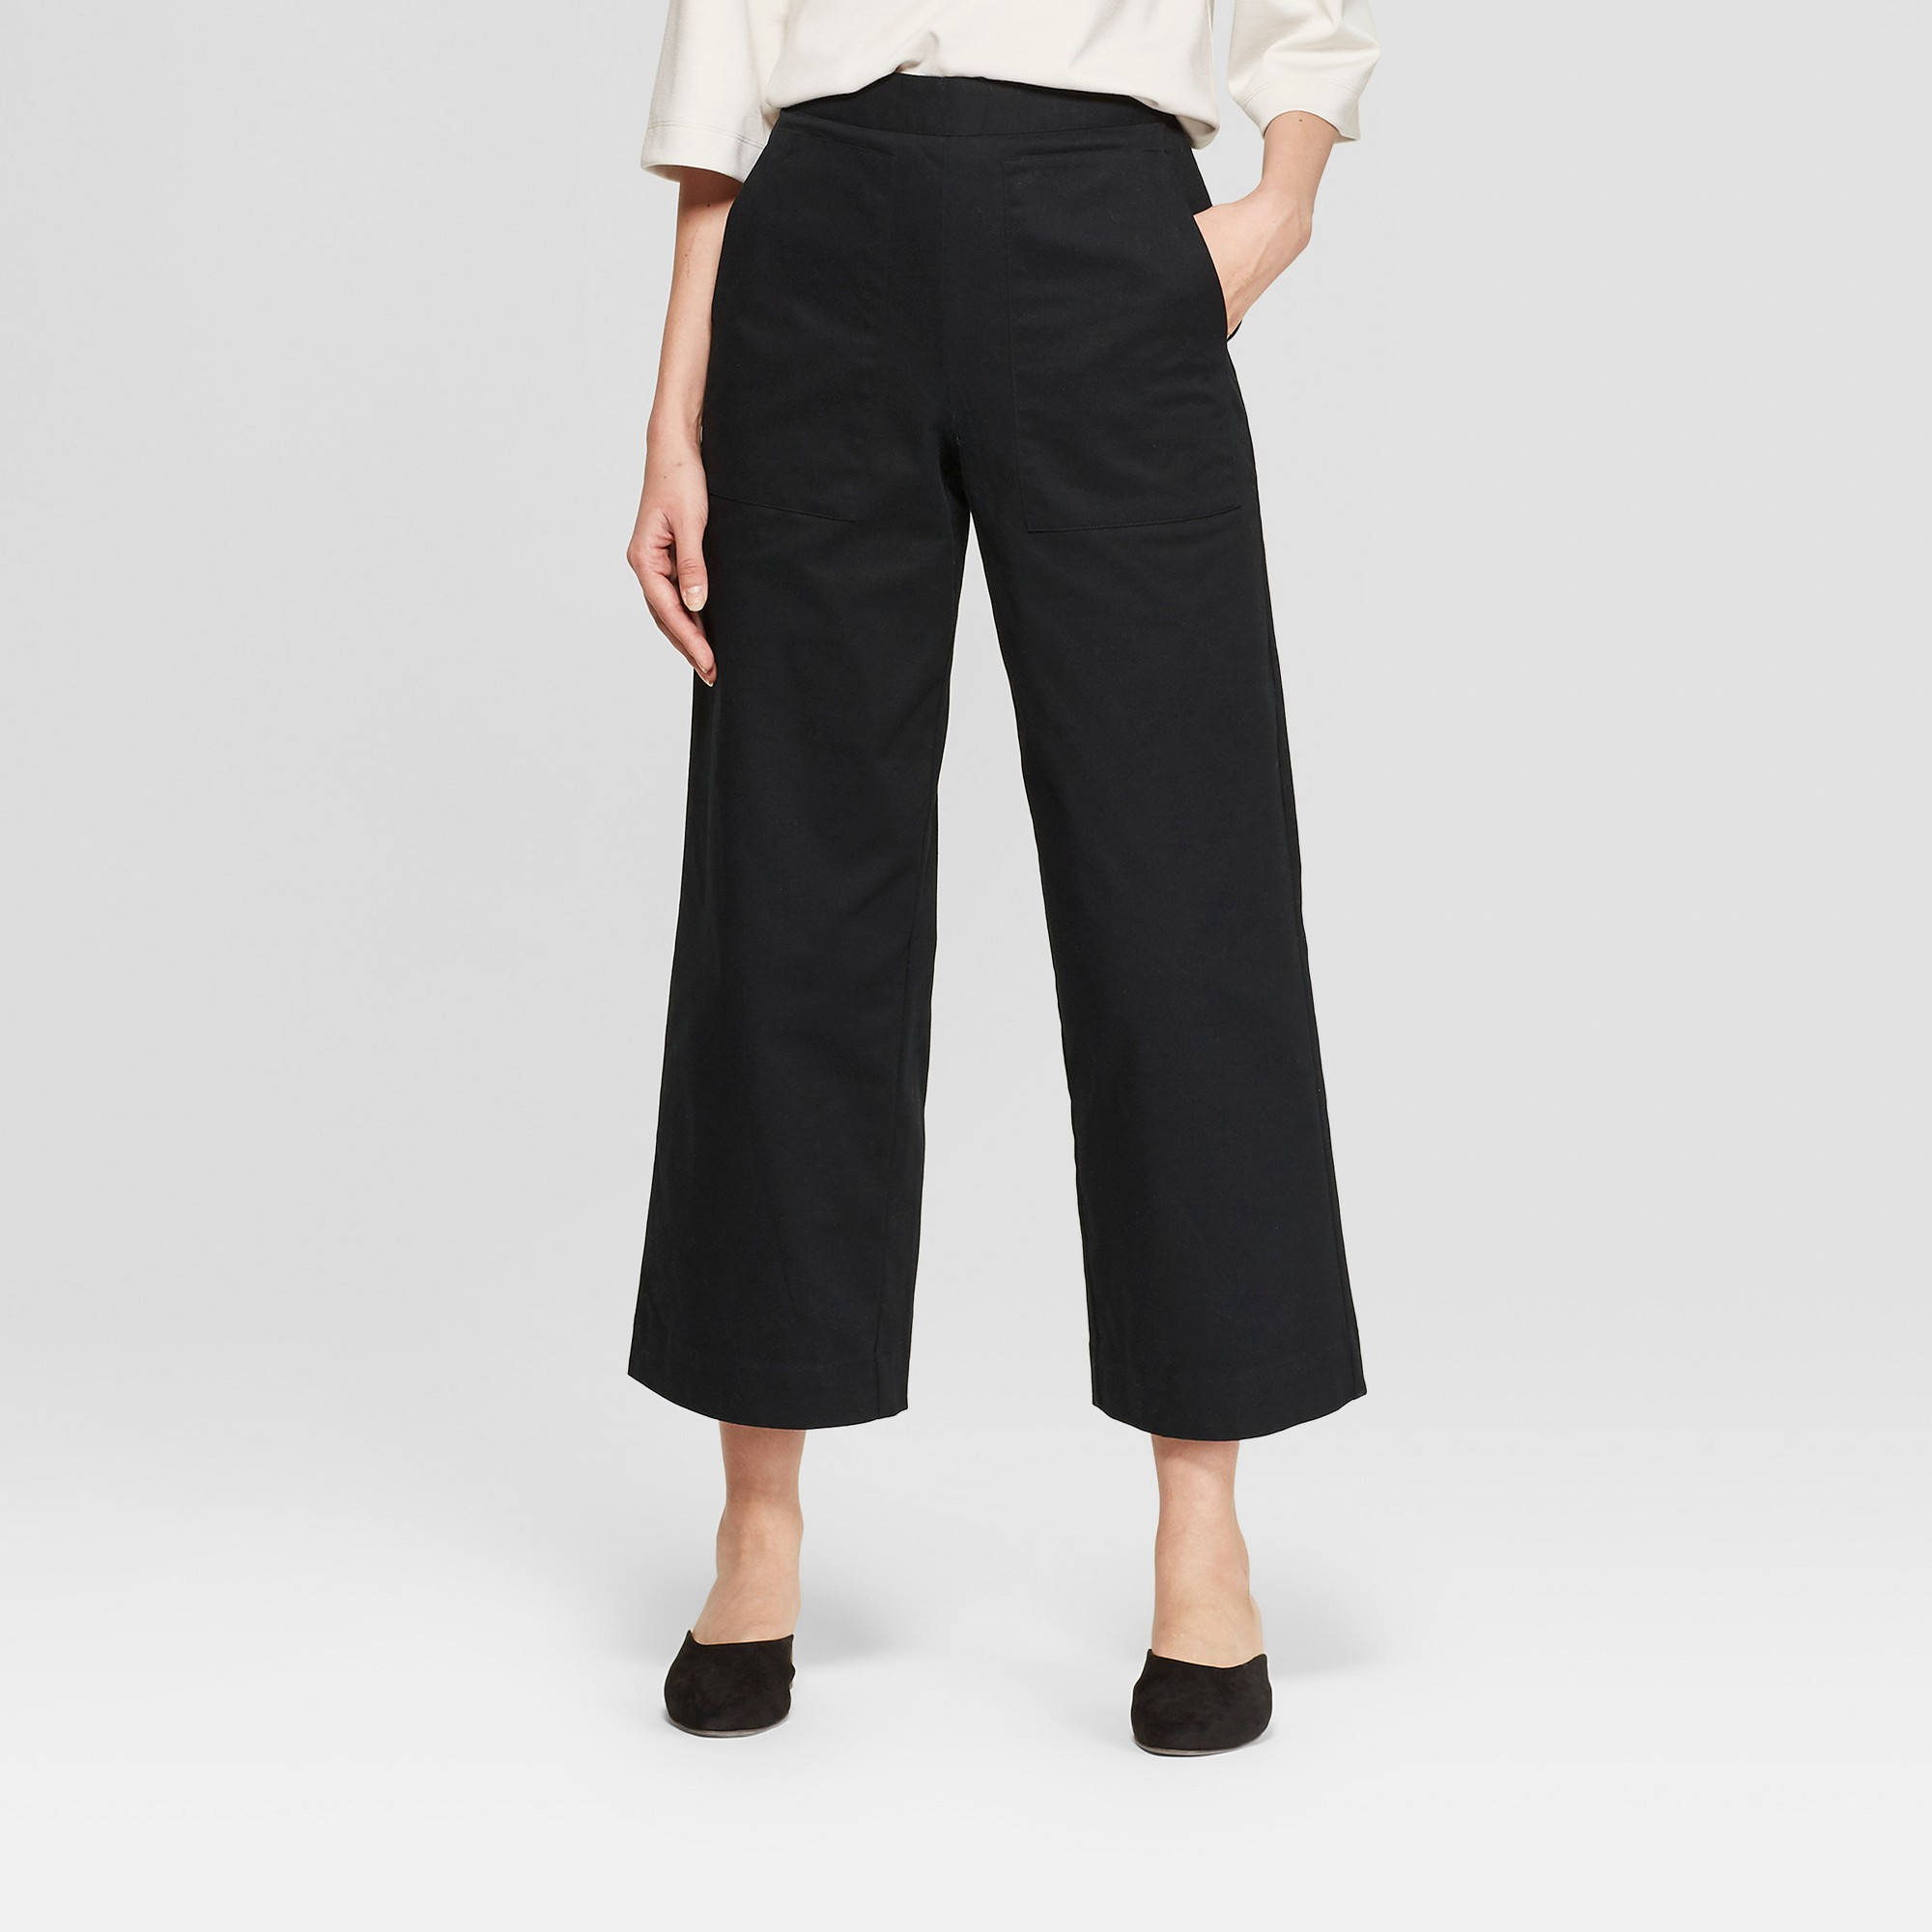 Women's Mid-Rise Wide Leg Ankle Length Pants - Prologue Black 2